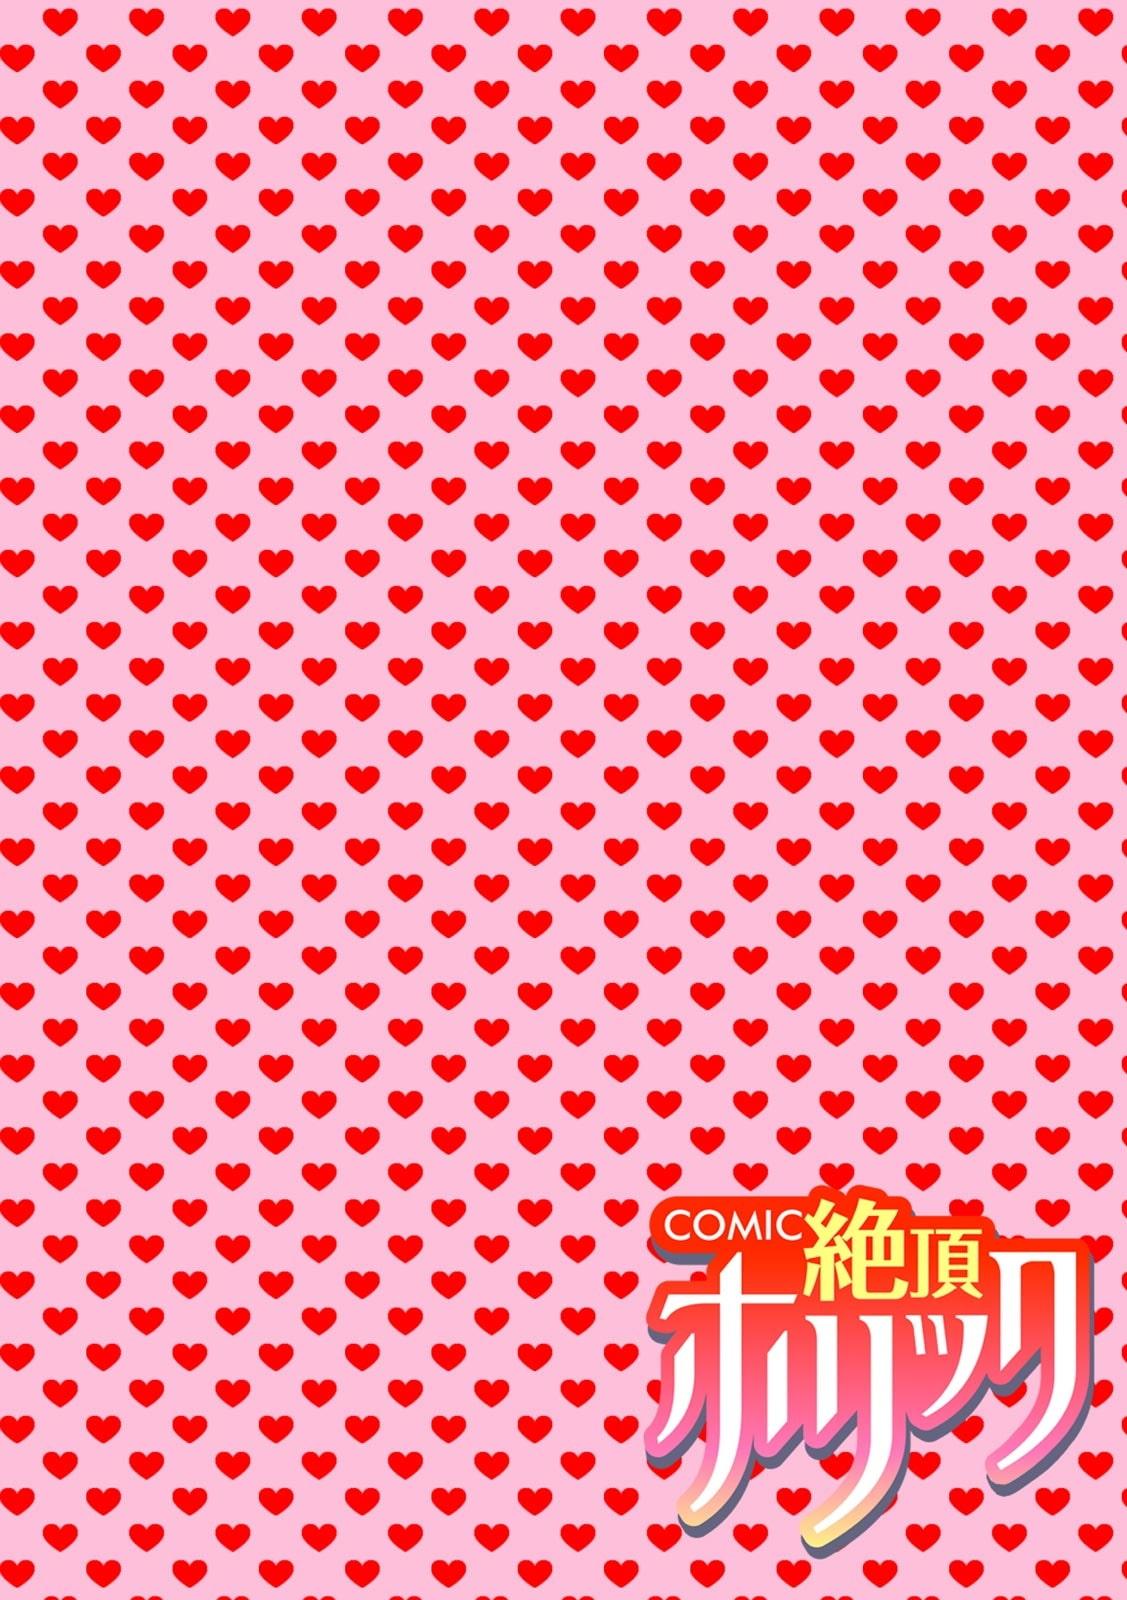 COMIC絶頂ホリック vol.34